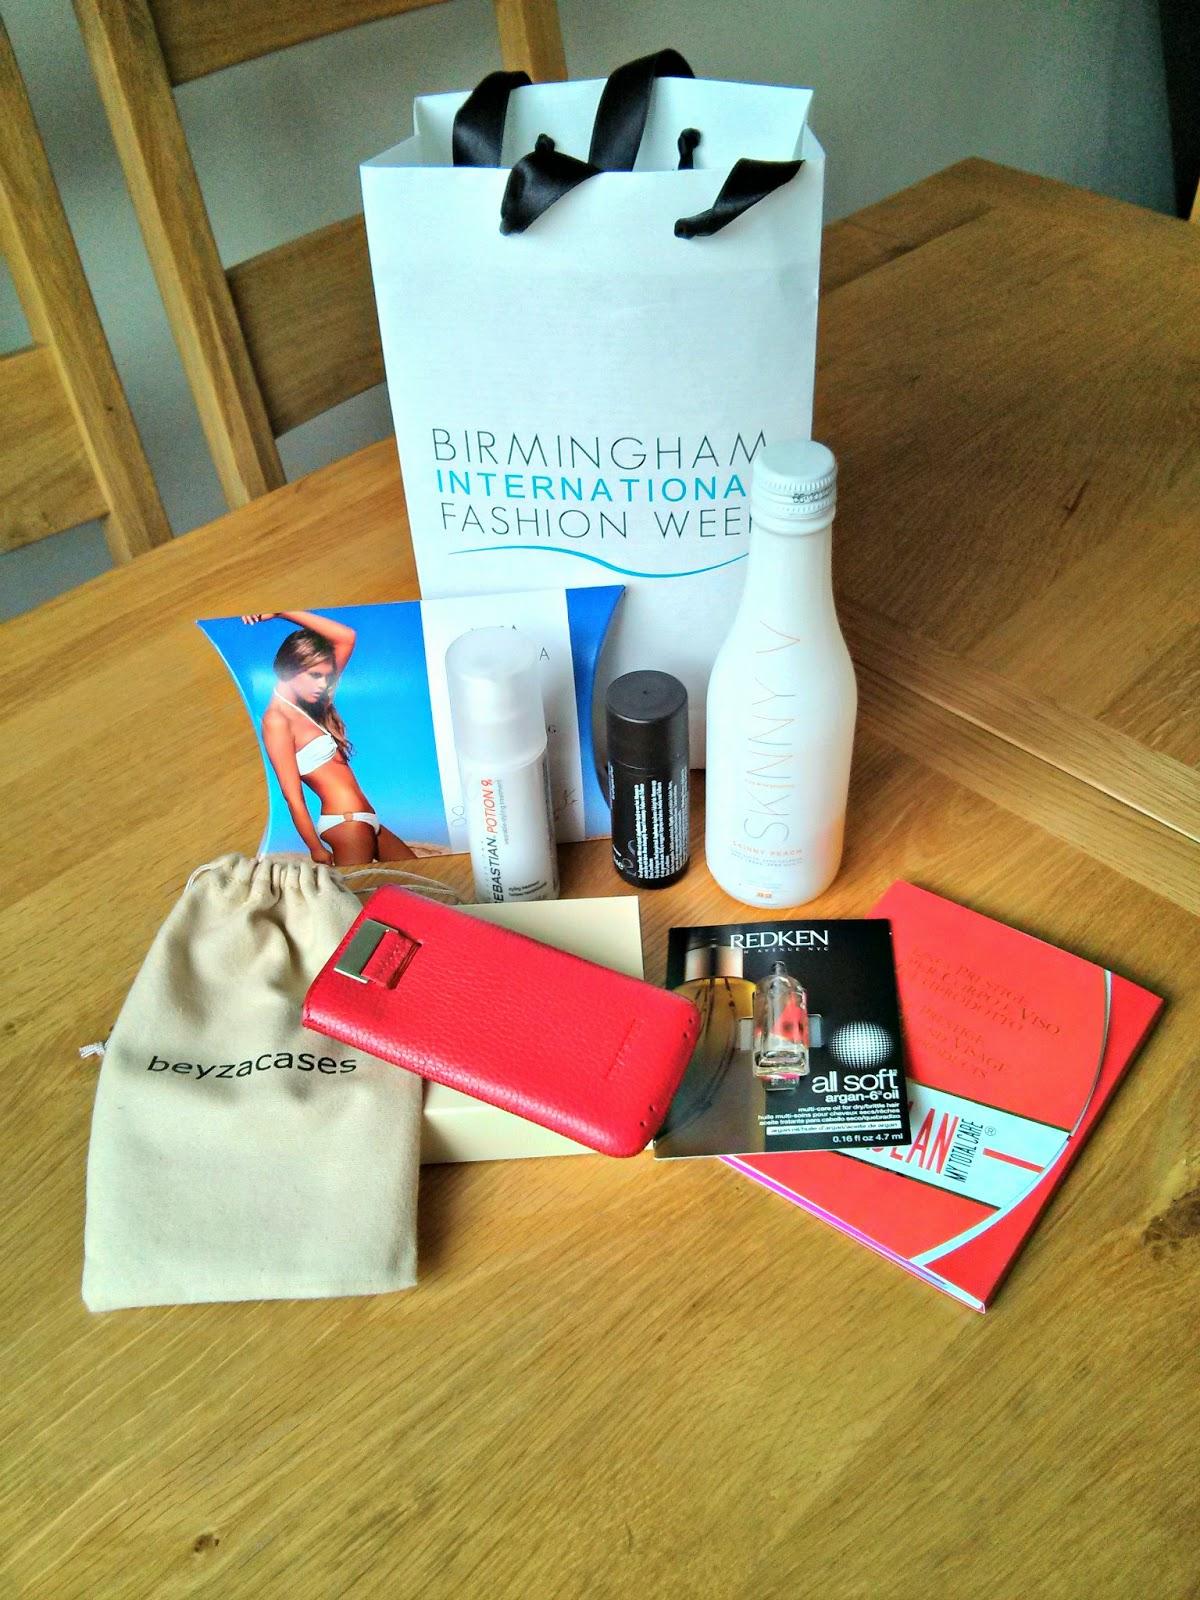 Birmingham Fashion Week Goody bag